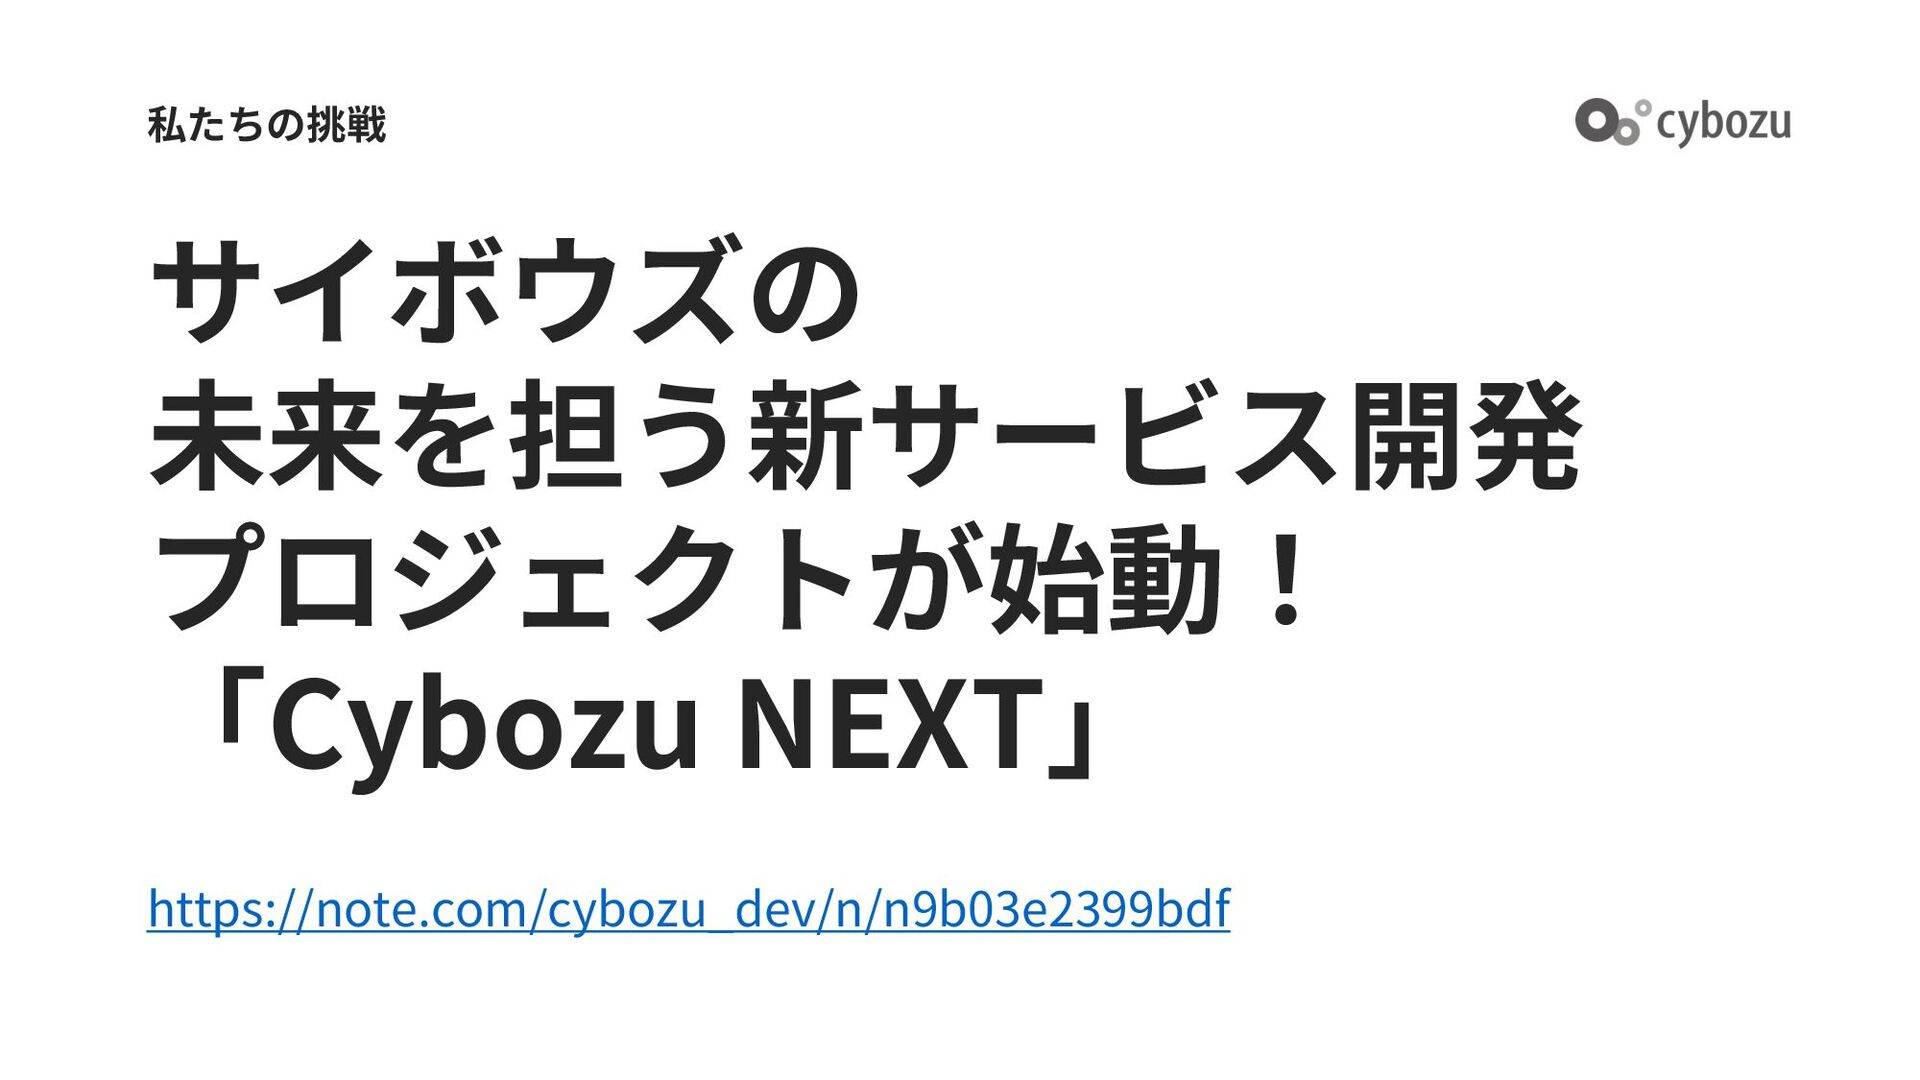 サイボウズの 未来を担う新サービス開発 プロジェクトが始動! 「Cybozu NEXT」 ht...